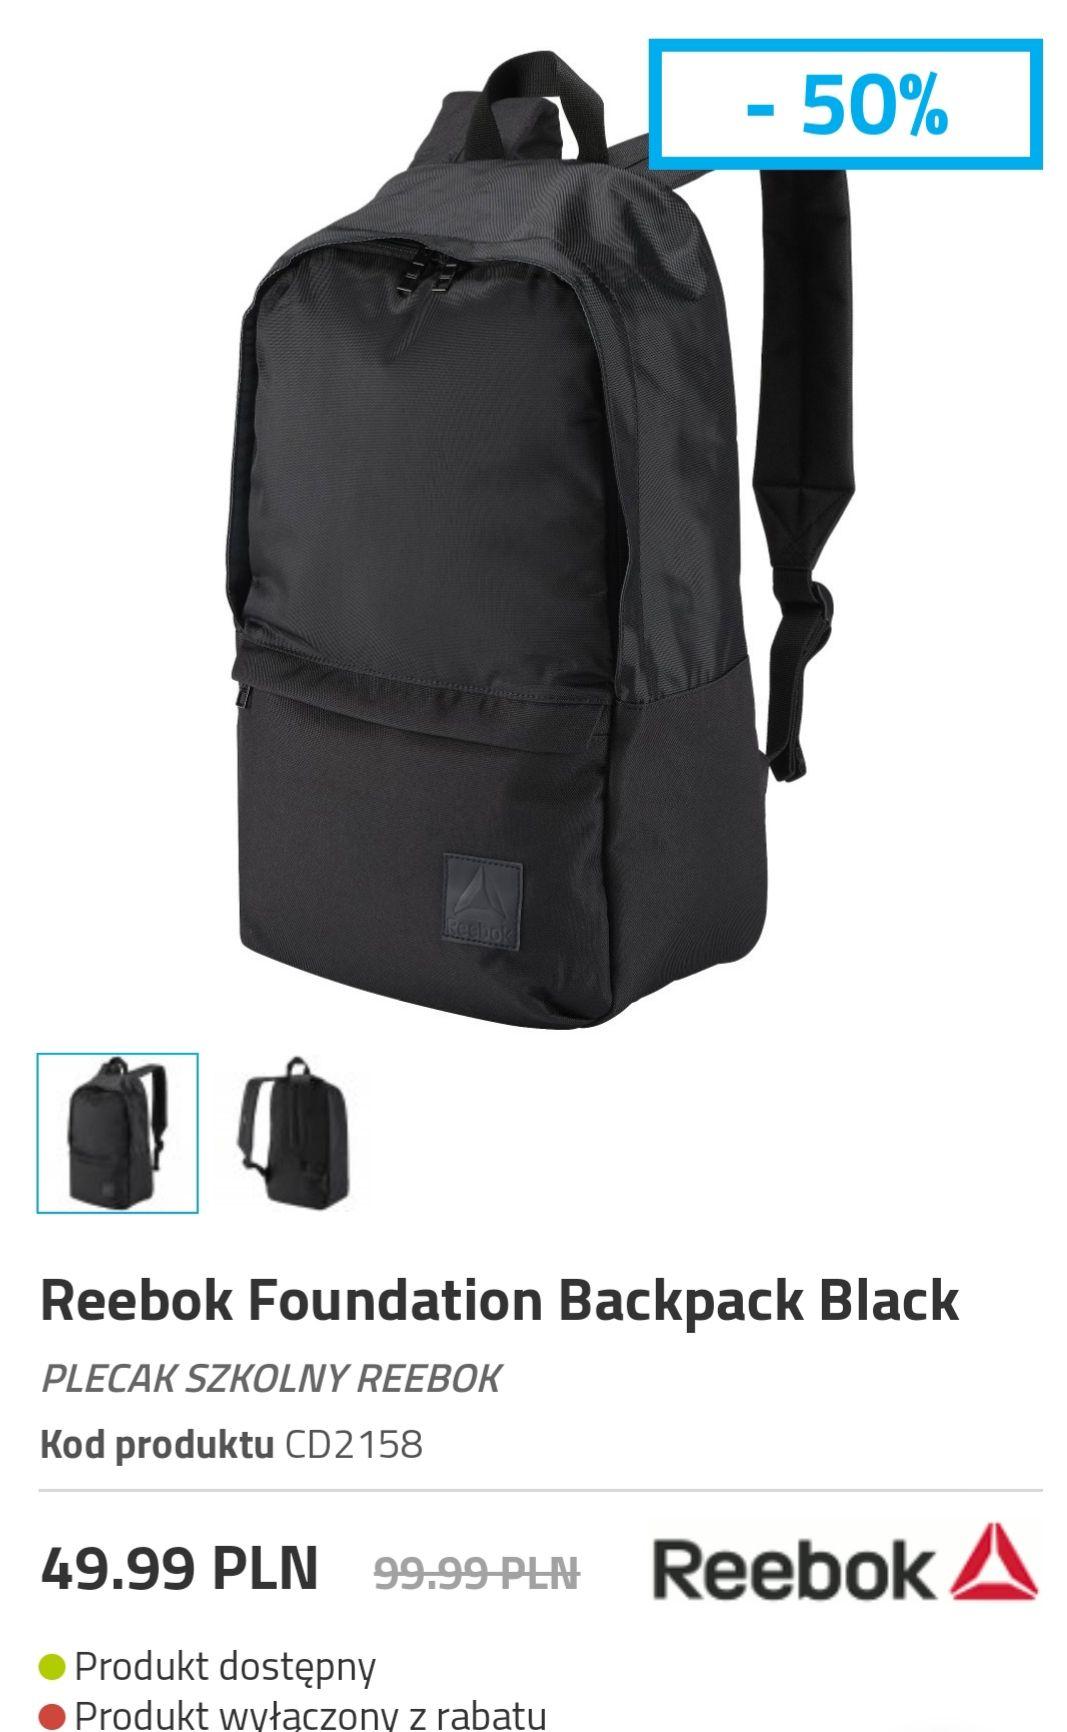 Reebok Foundation Backpack Black  PLECAK SZKOLNY REEBOK Kod produktuCD2158 3 kolory